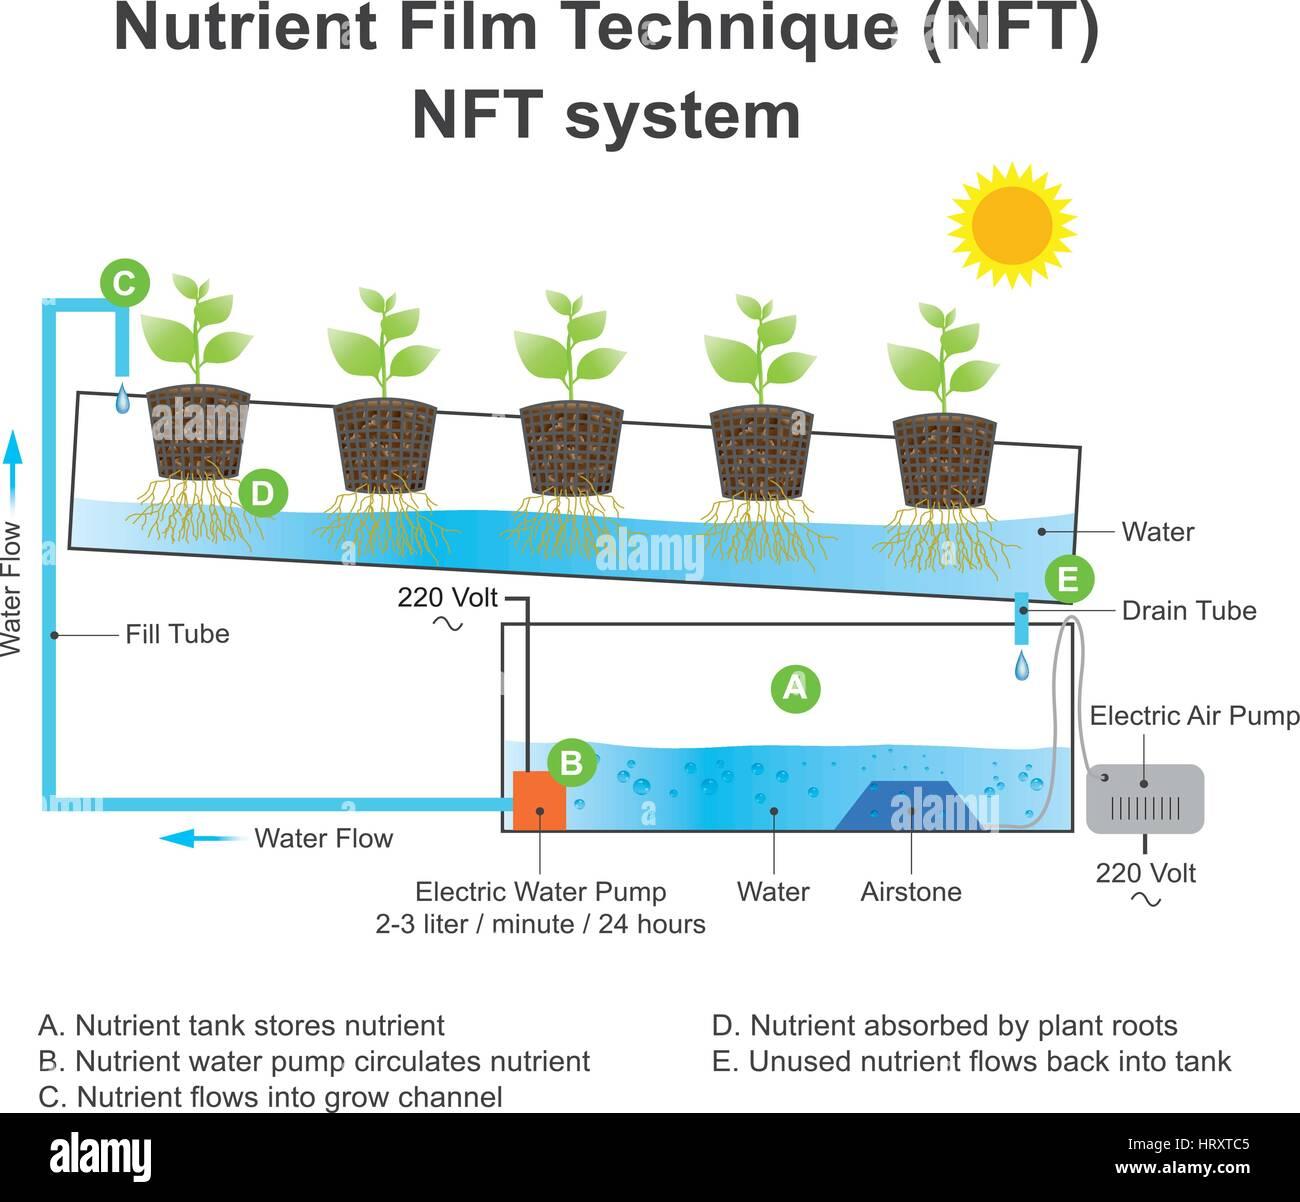 Technique du film des éléments nutritifs (NFT) est une technique hydroponique où un courant d'eau Photo Stock